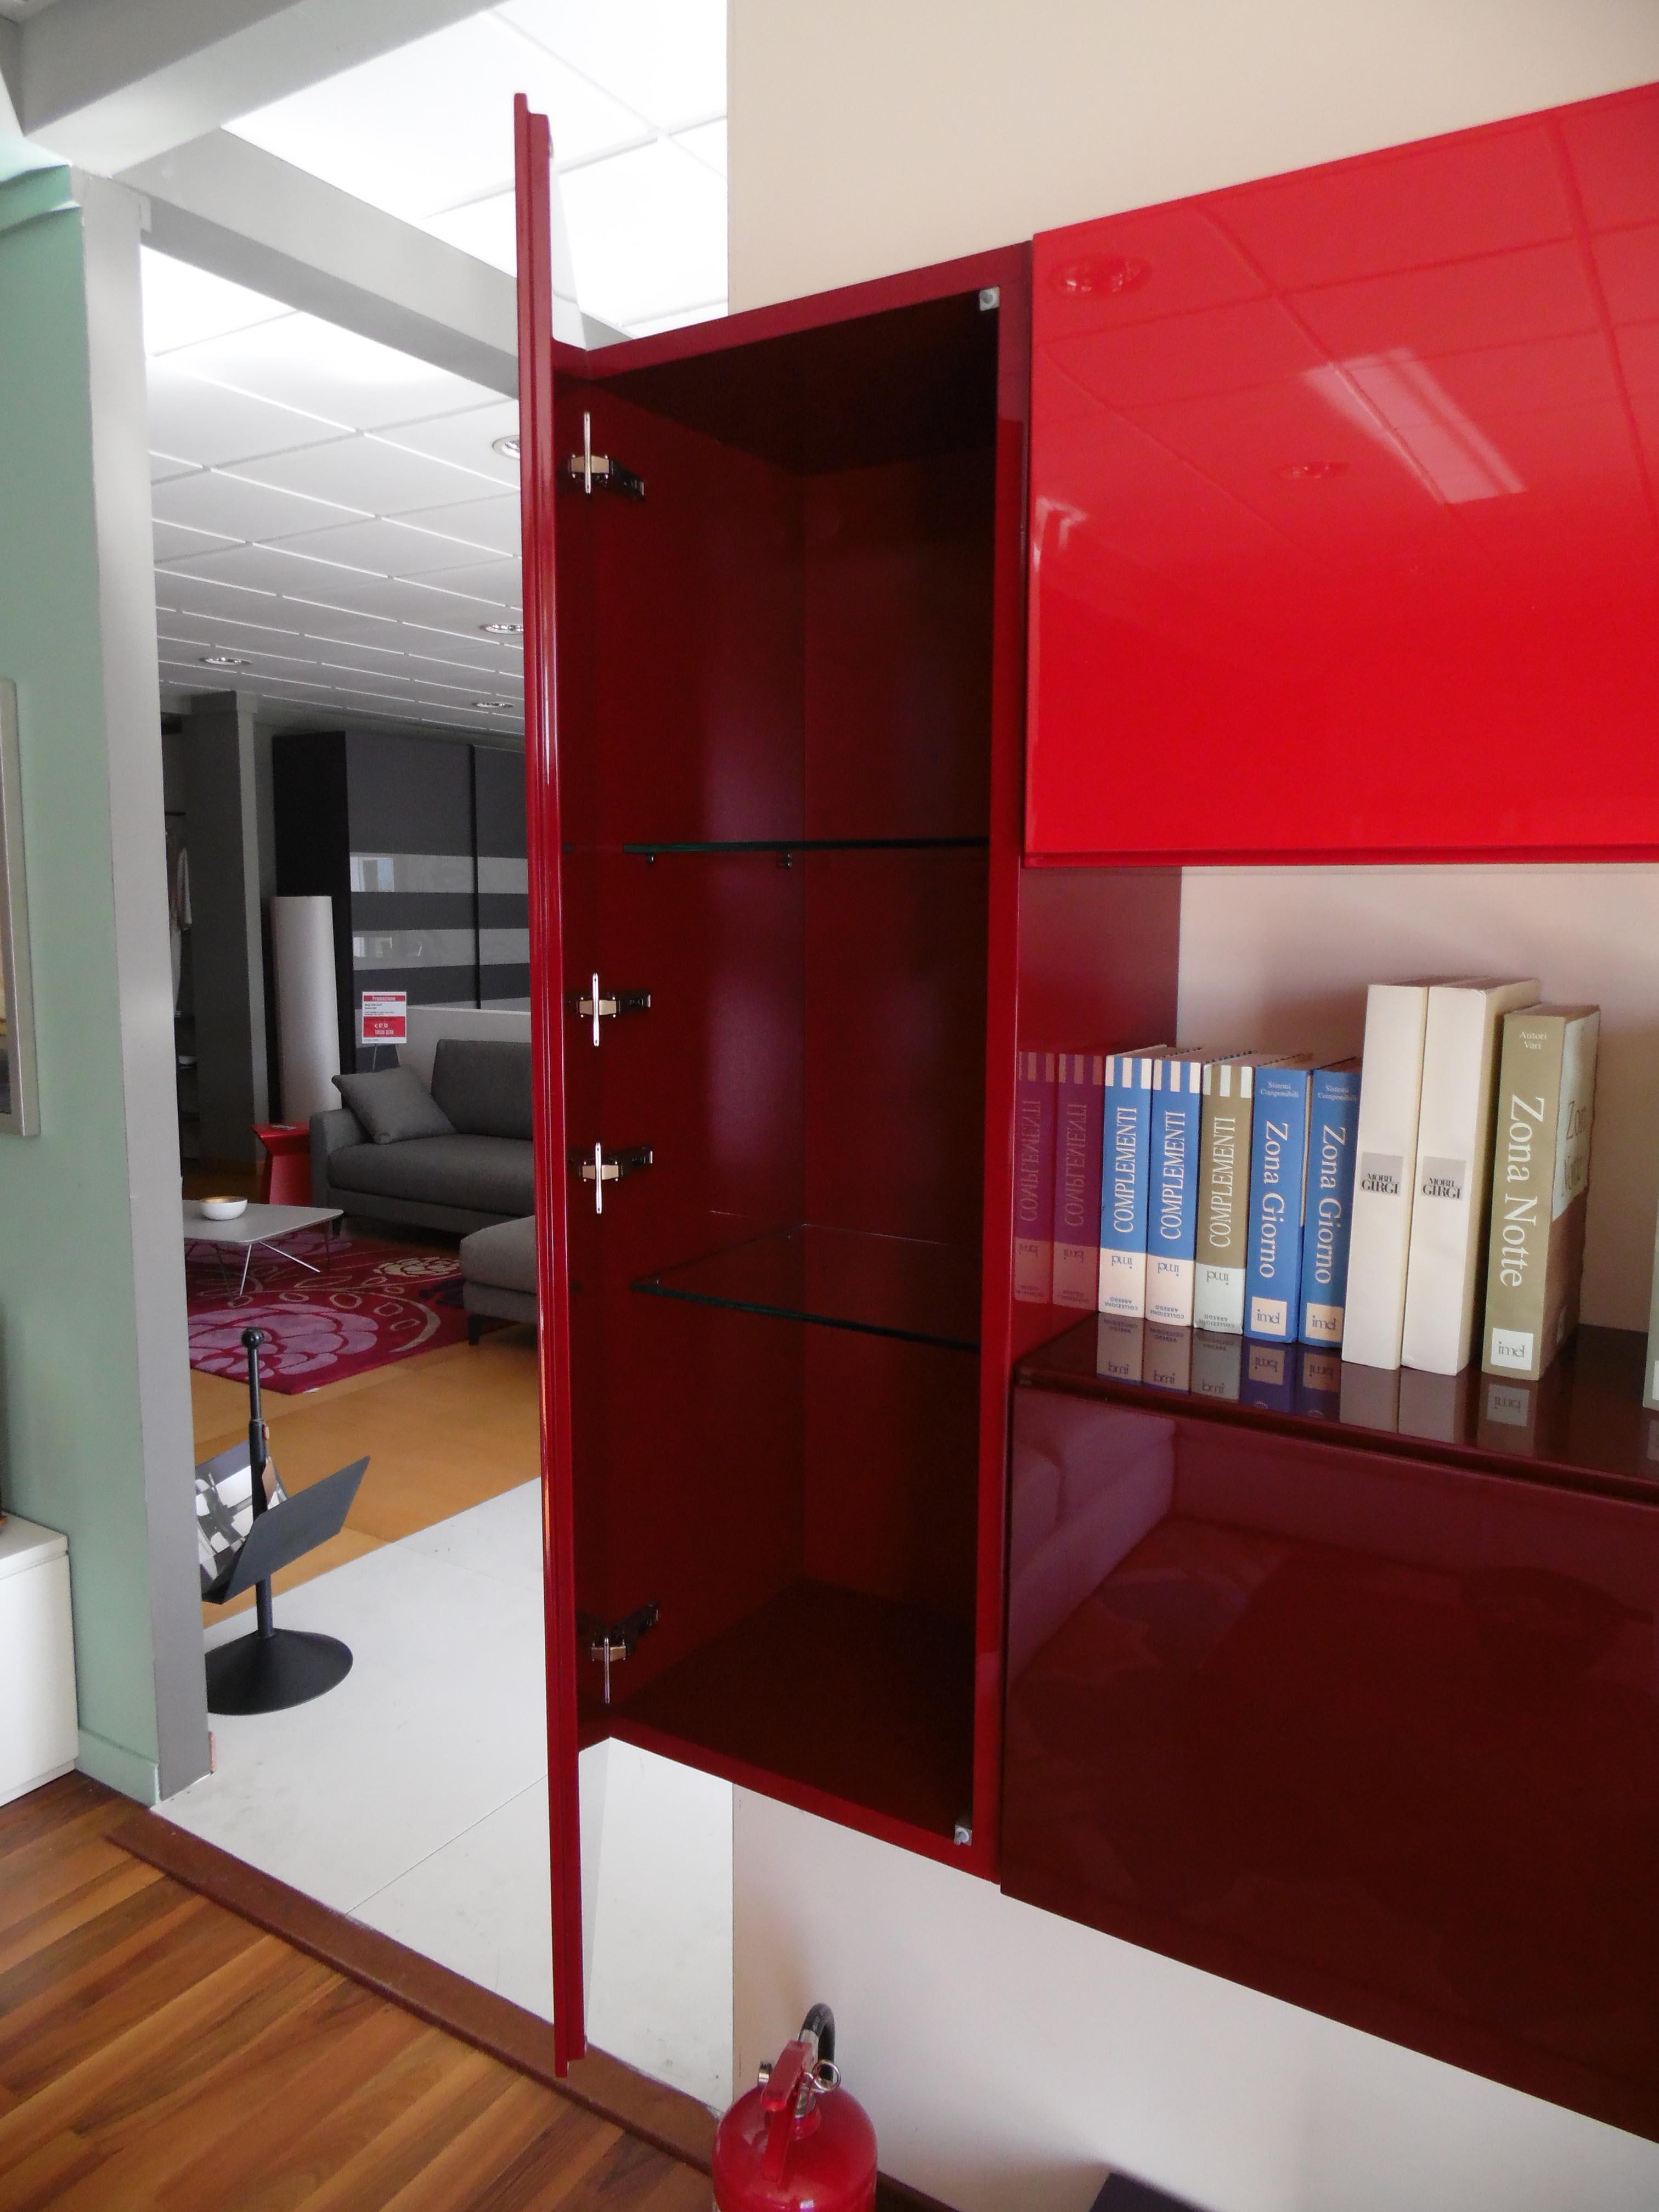 Awesome Doimo Soggiorni Pictures - Idee Arredamento Casa & Interior ...